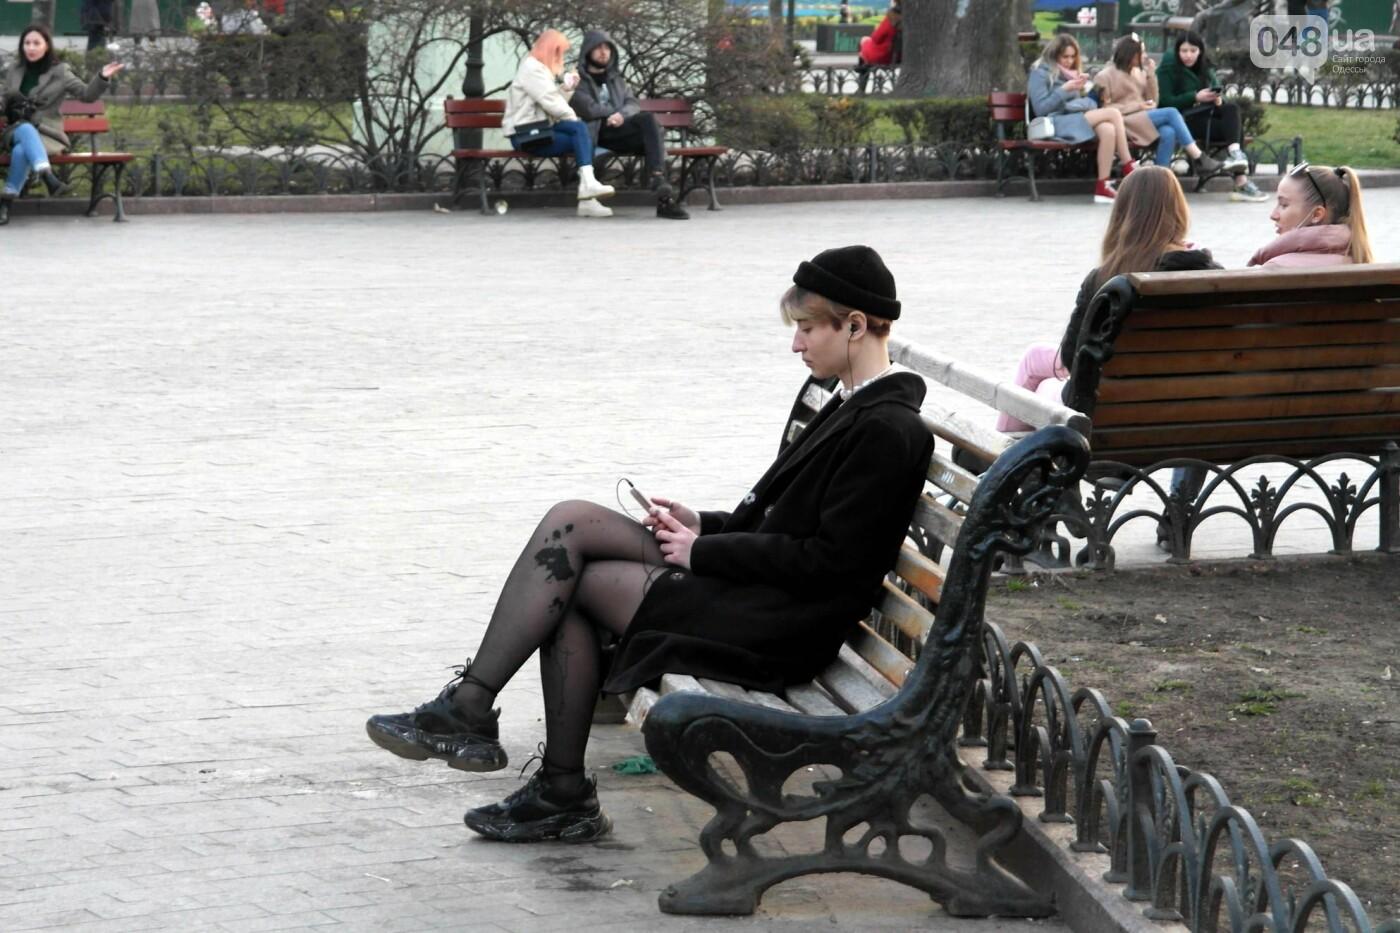 Маски без масок: 1 апреля в Одессе было весело, несмотря на карантин,- ФОТОРЕПОРТАЖ, фото-25